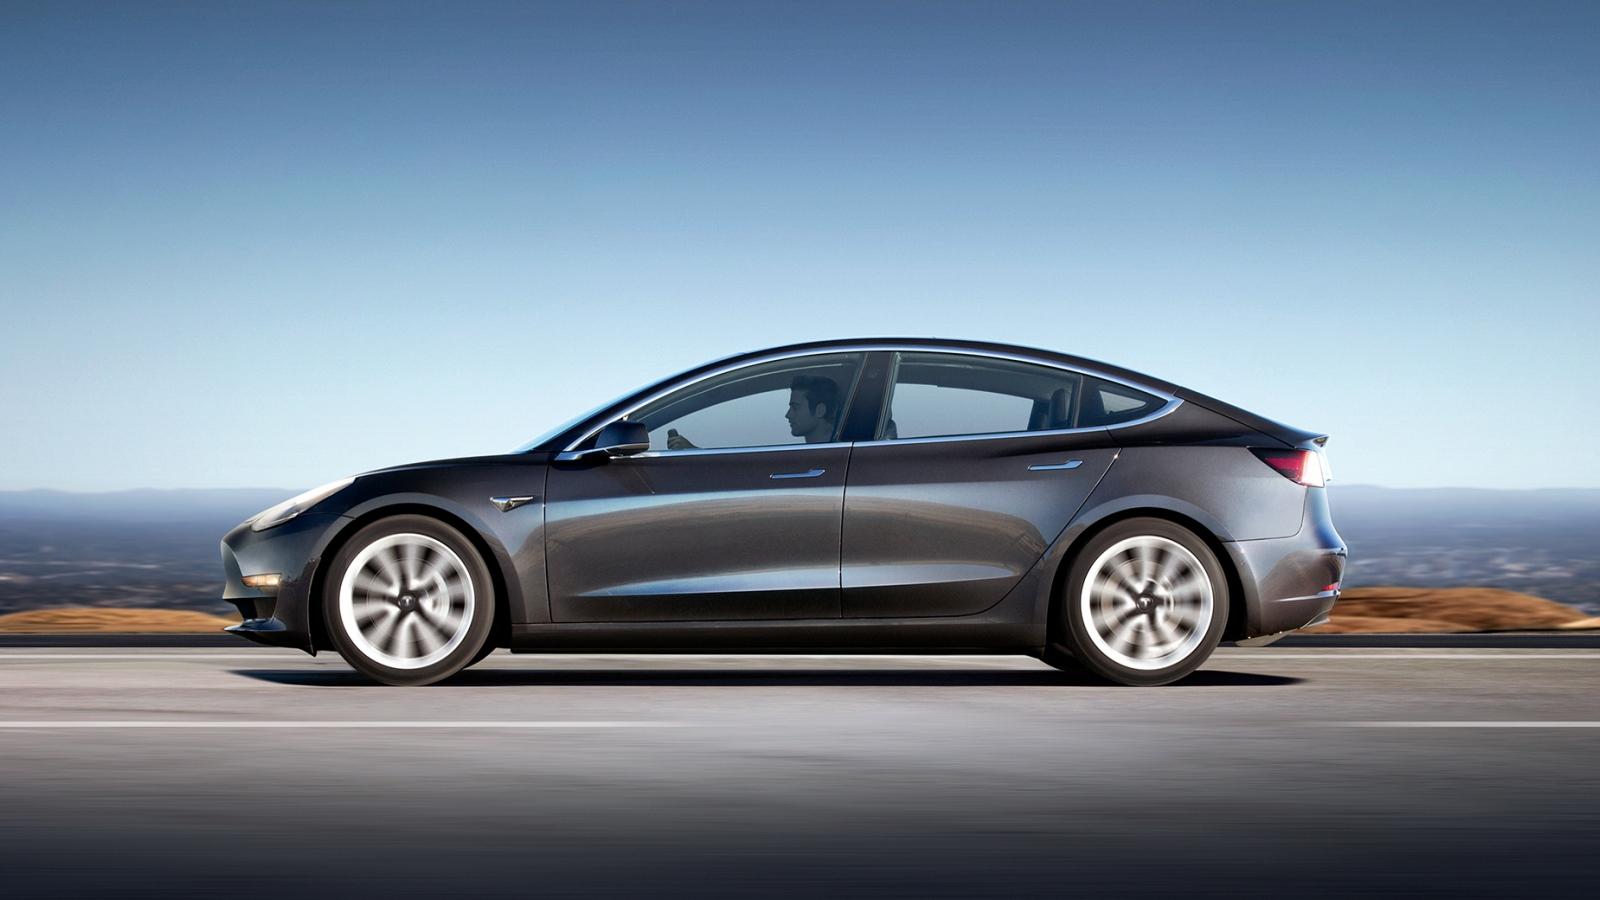 Hãng xe điện Tesla tiếp tục triệu hồi xe do lỗi liên quan tới dây an toàn và phanh